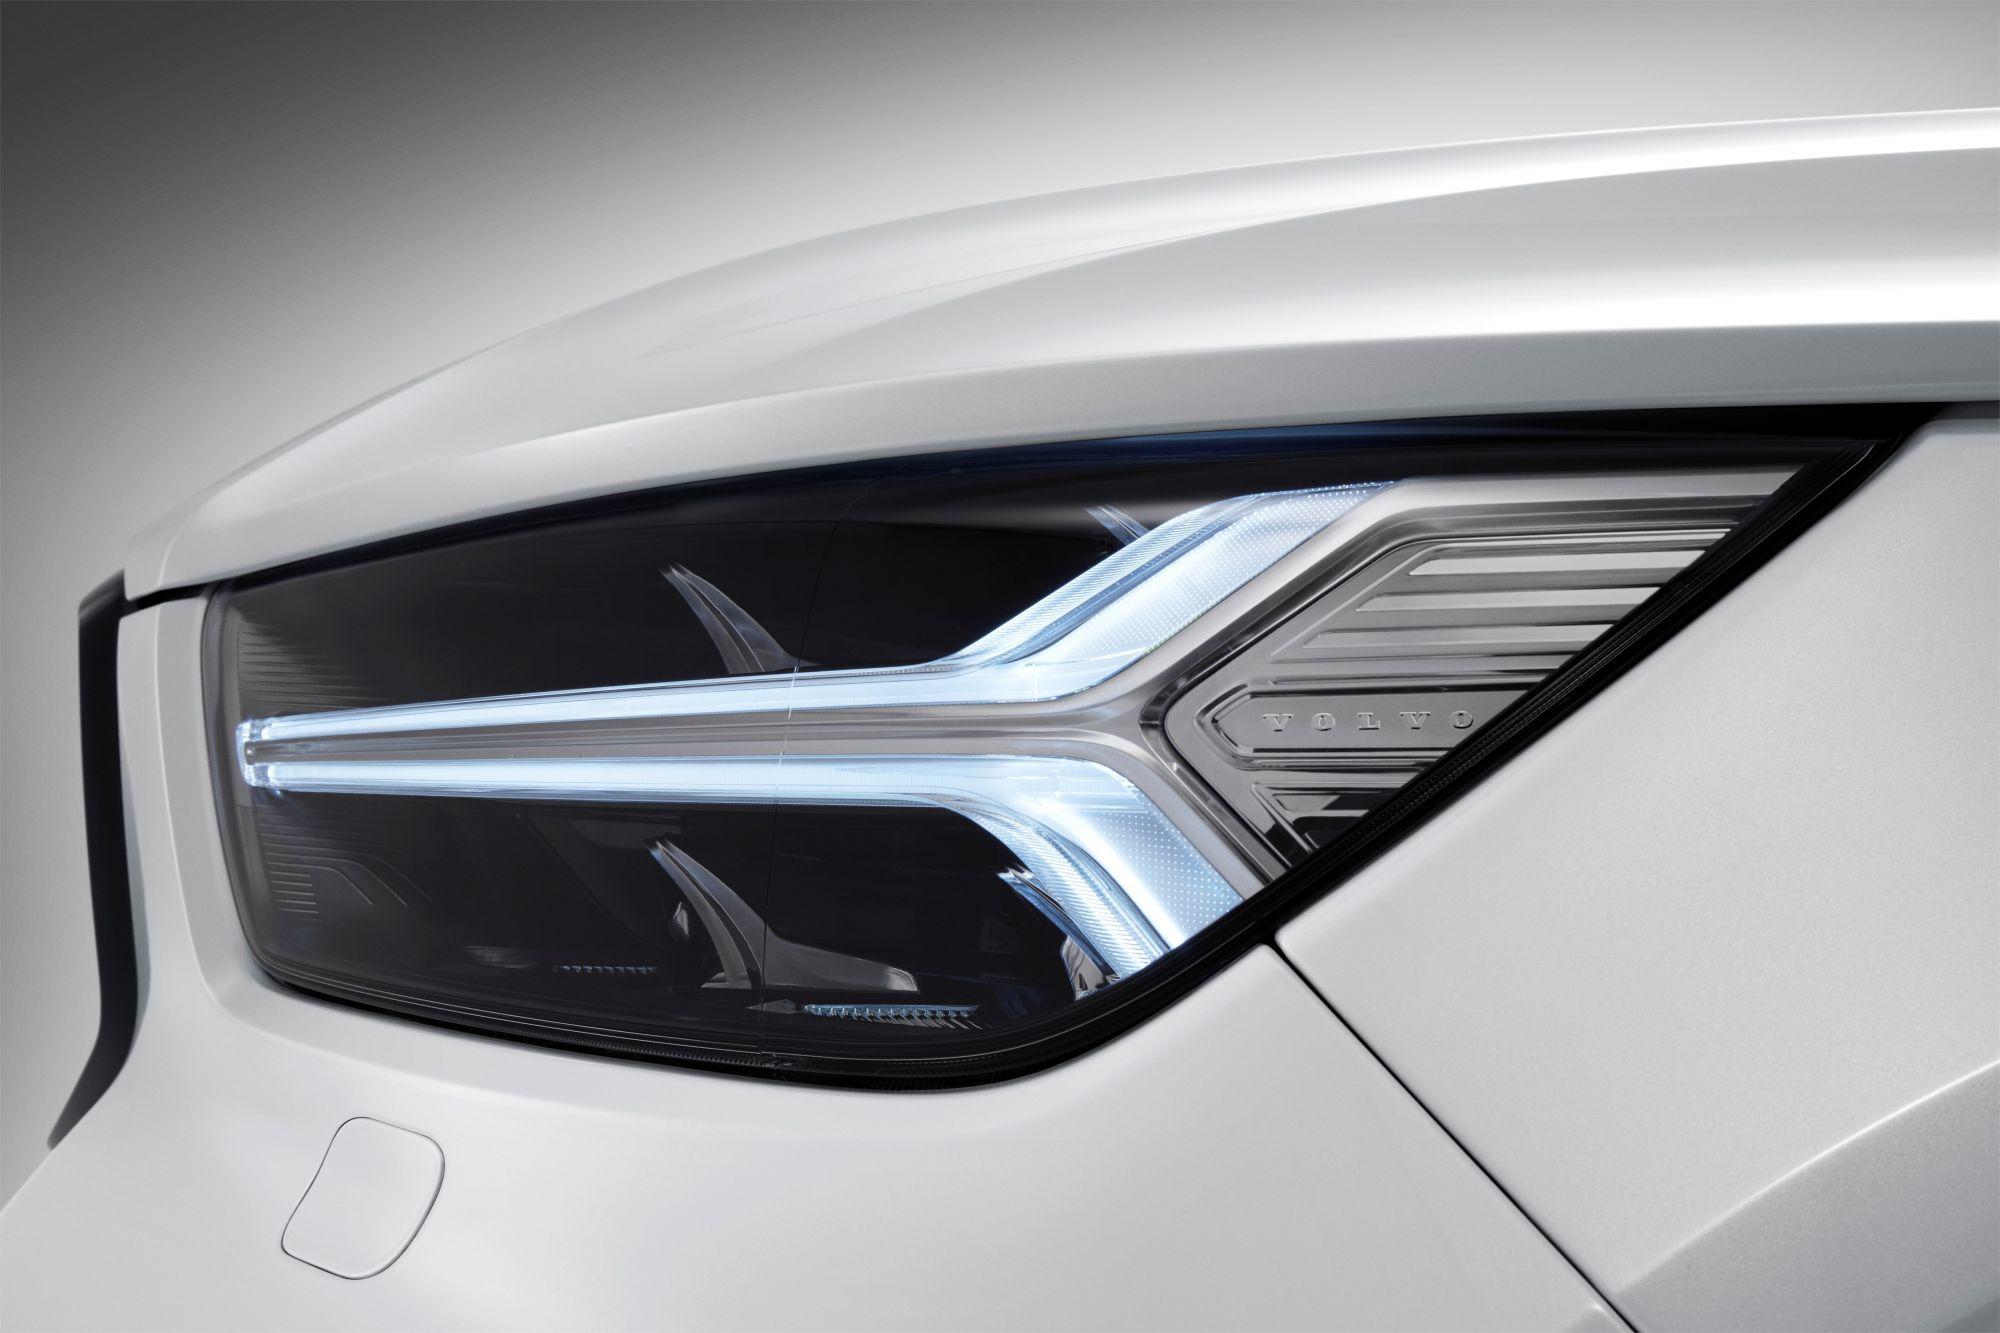 Volvo XC40 2018 kaufen: Fotos, Info zu Marktstart, Preis, Motor